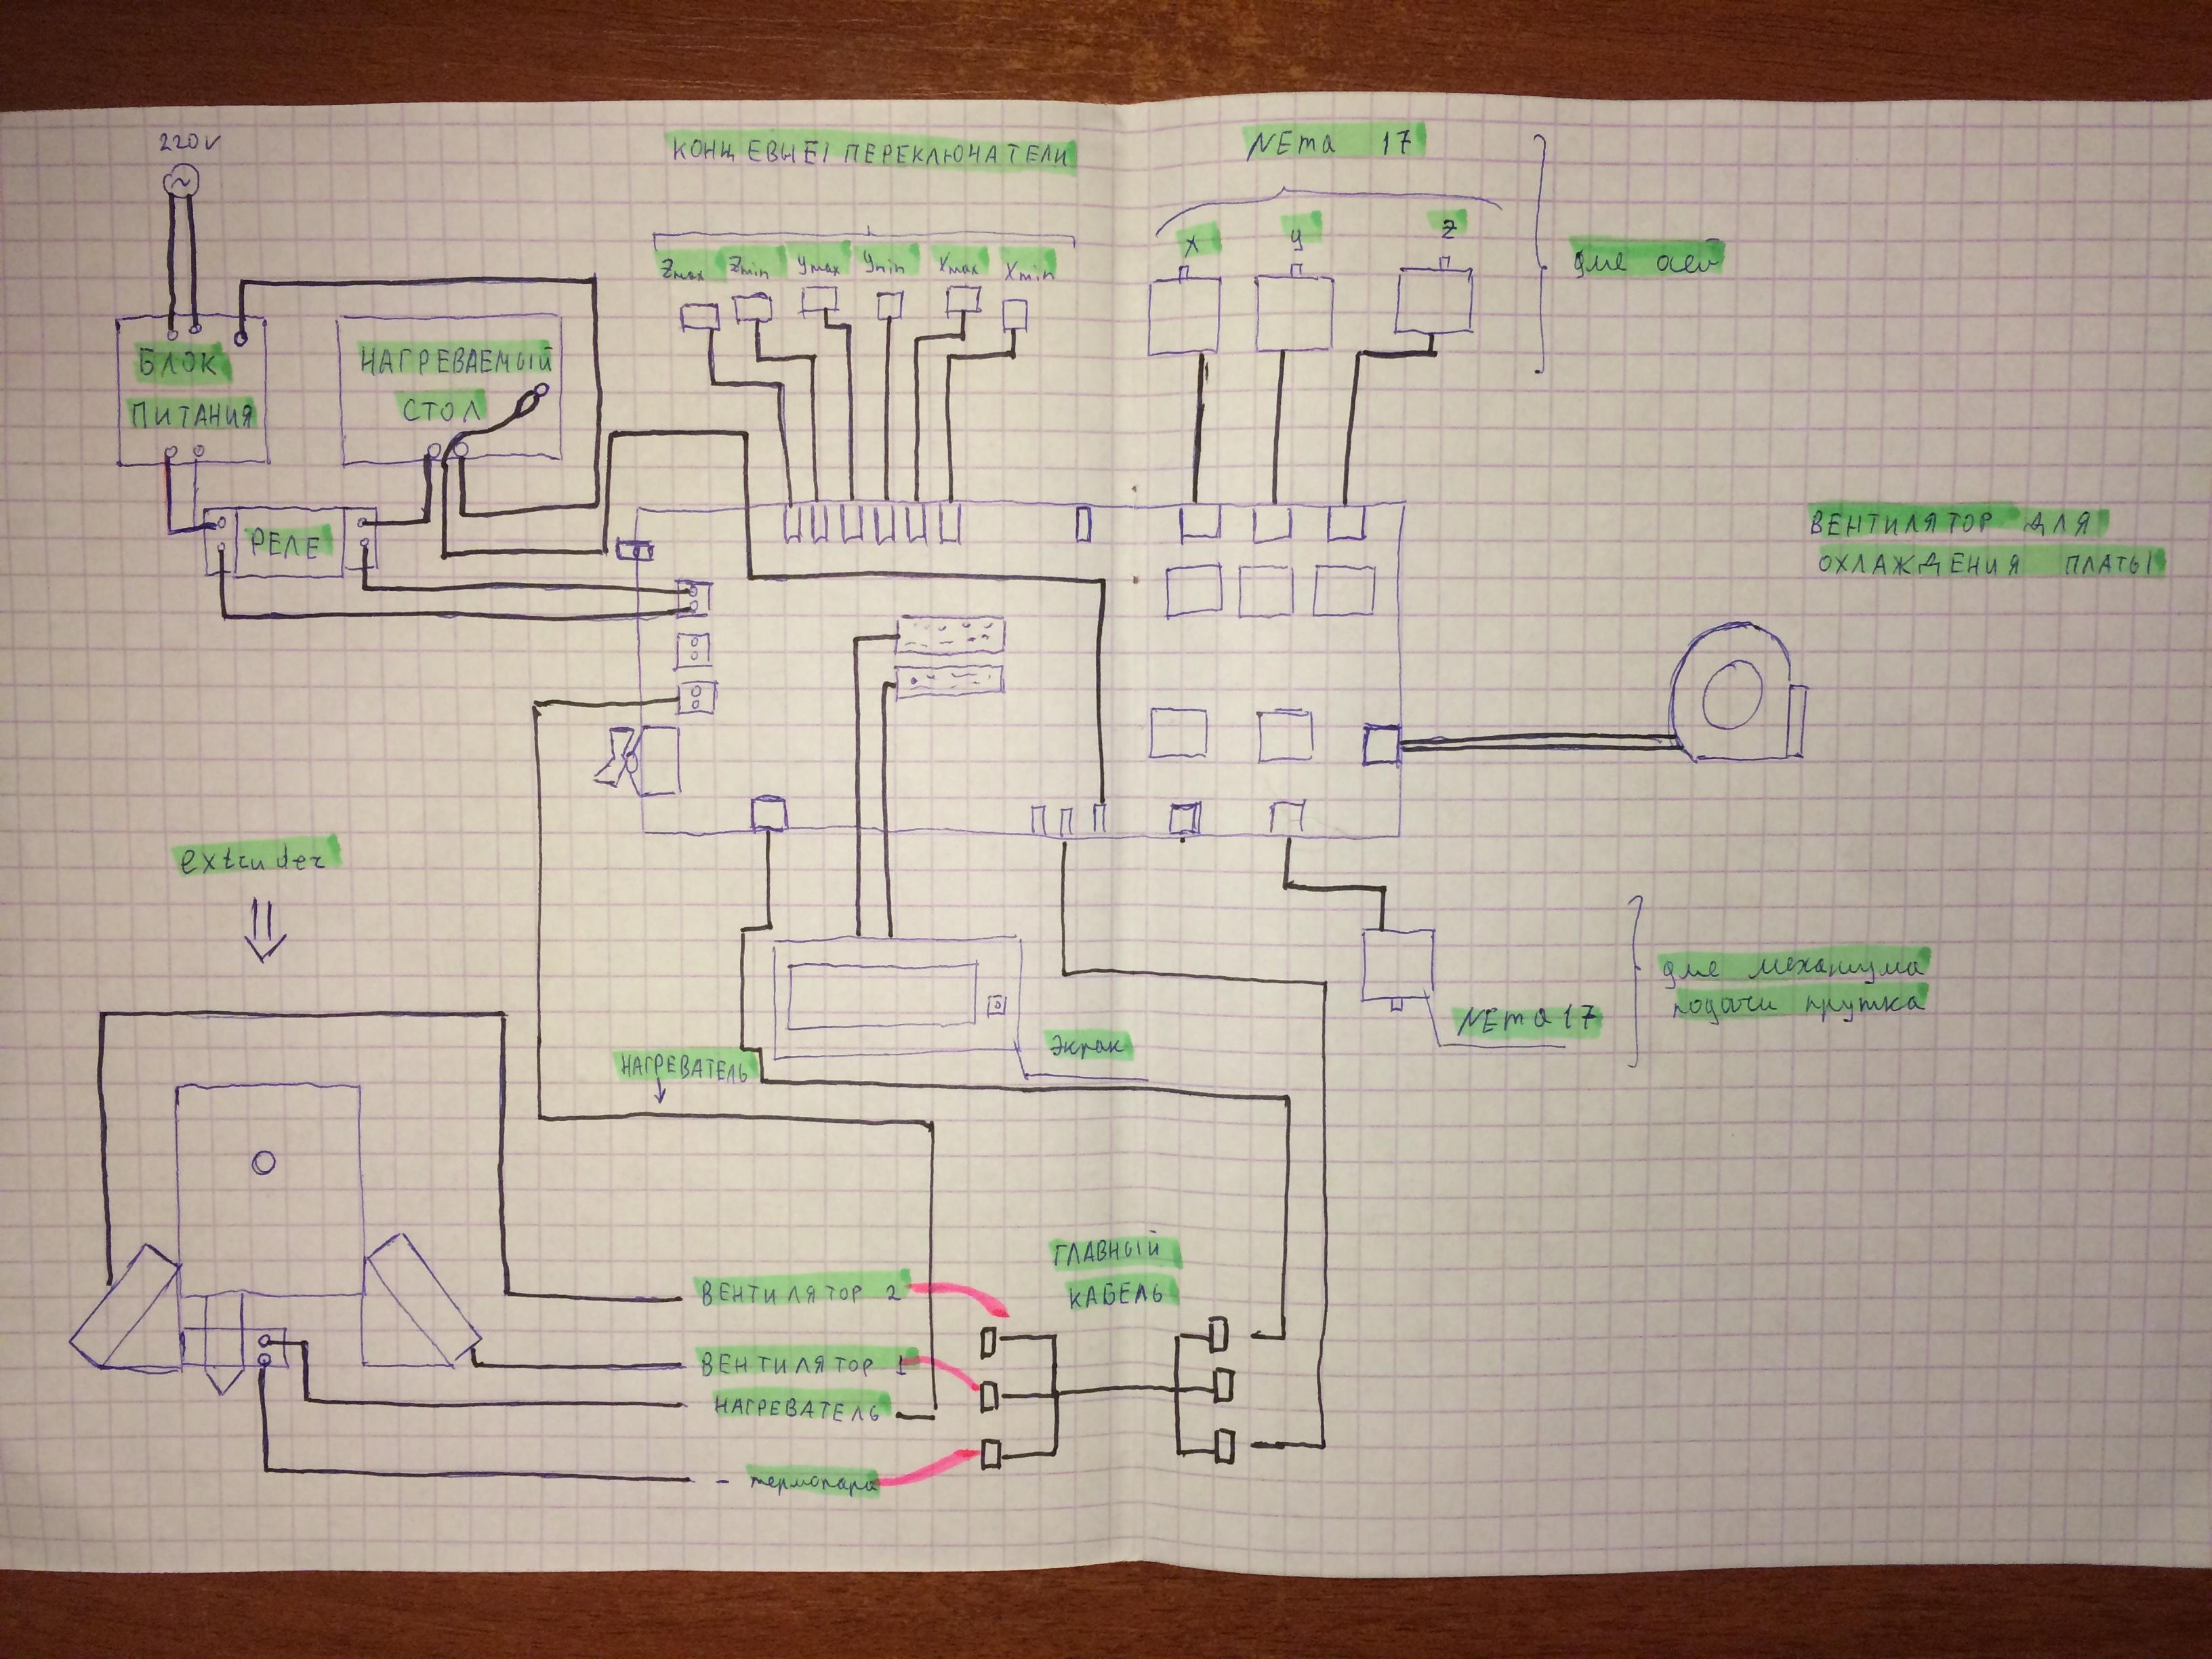 кар аларм систем схема подключения